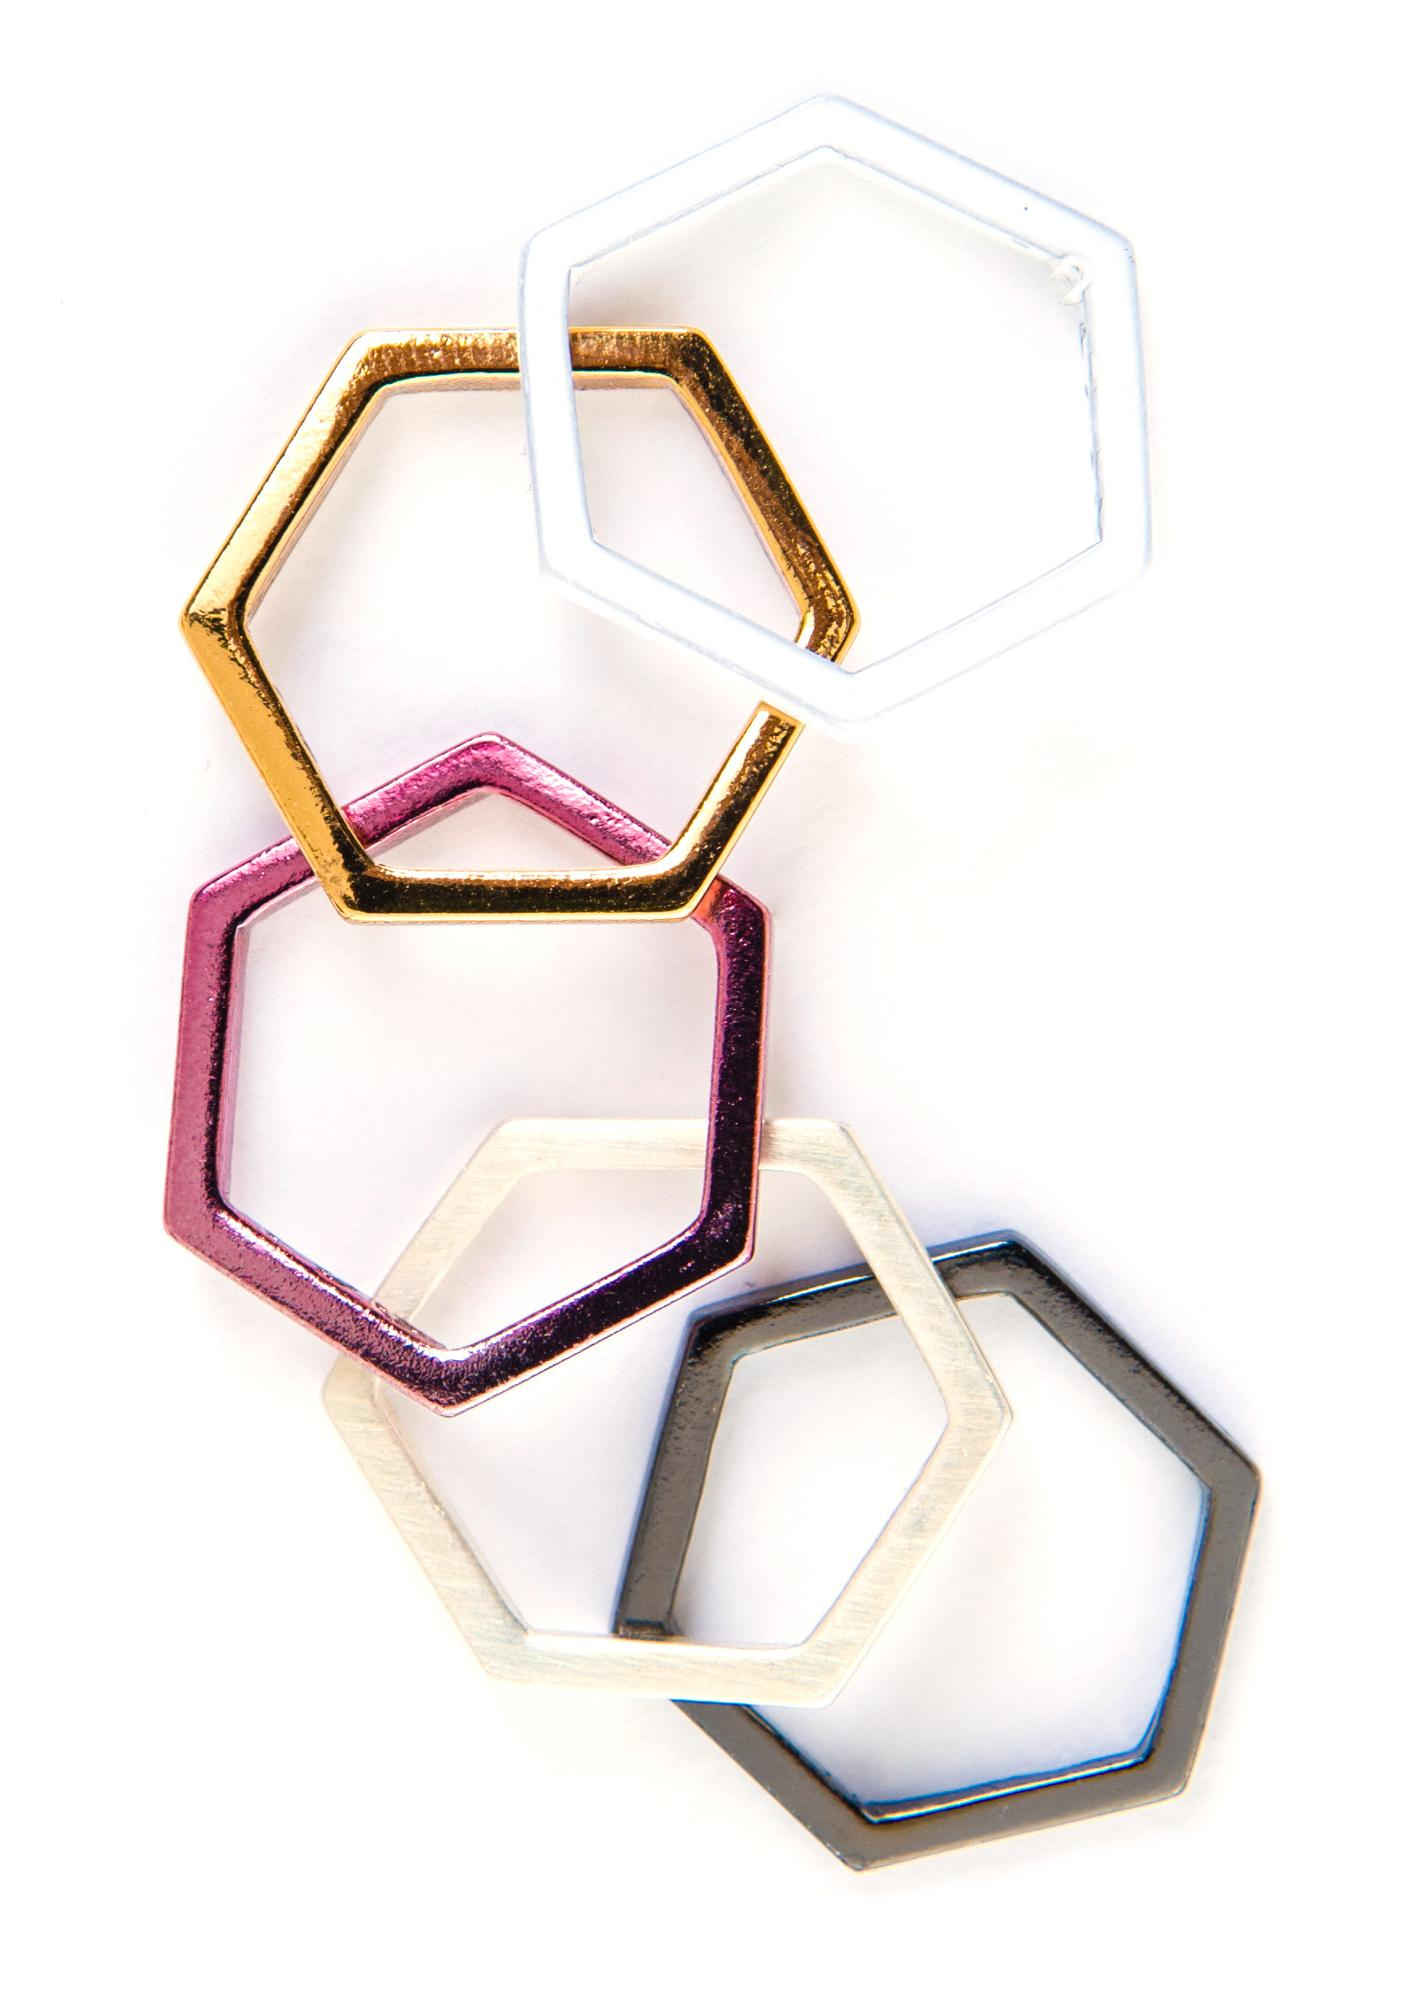 Luv AJ Hexagon Ring